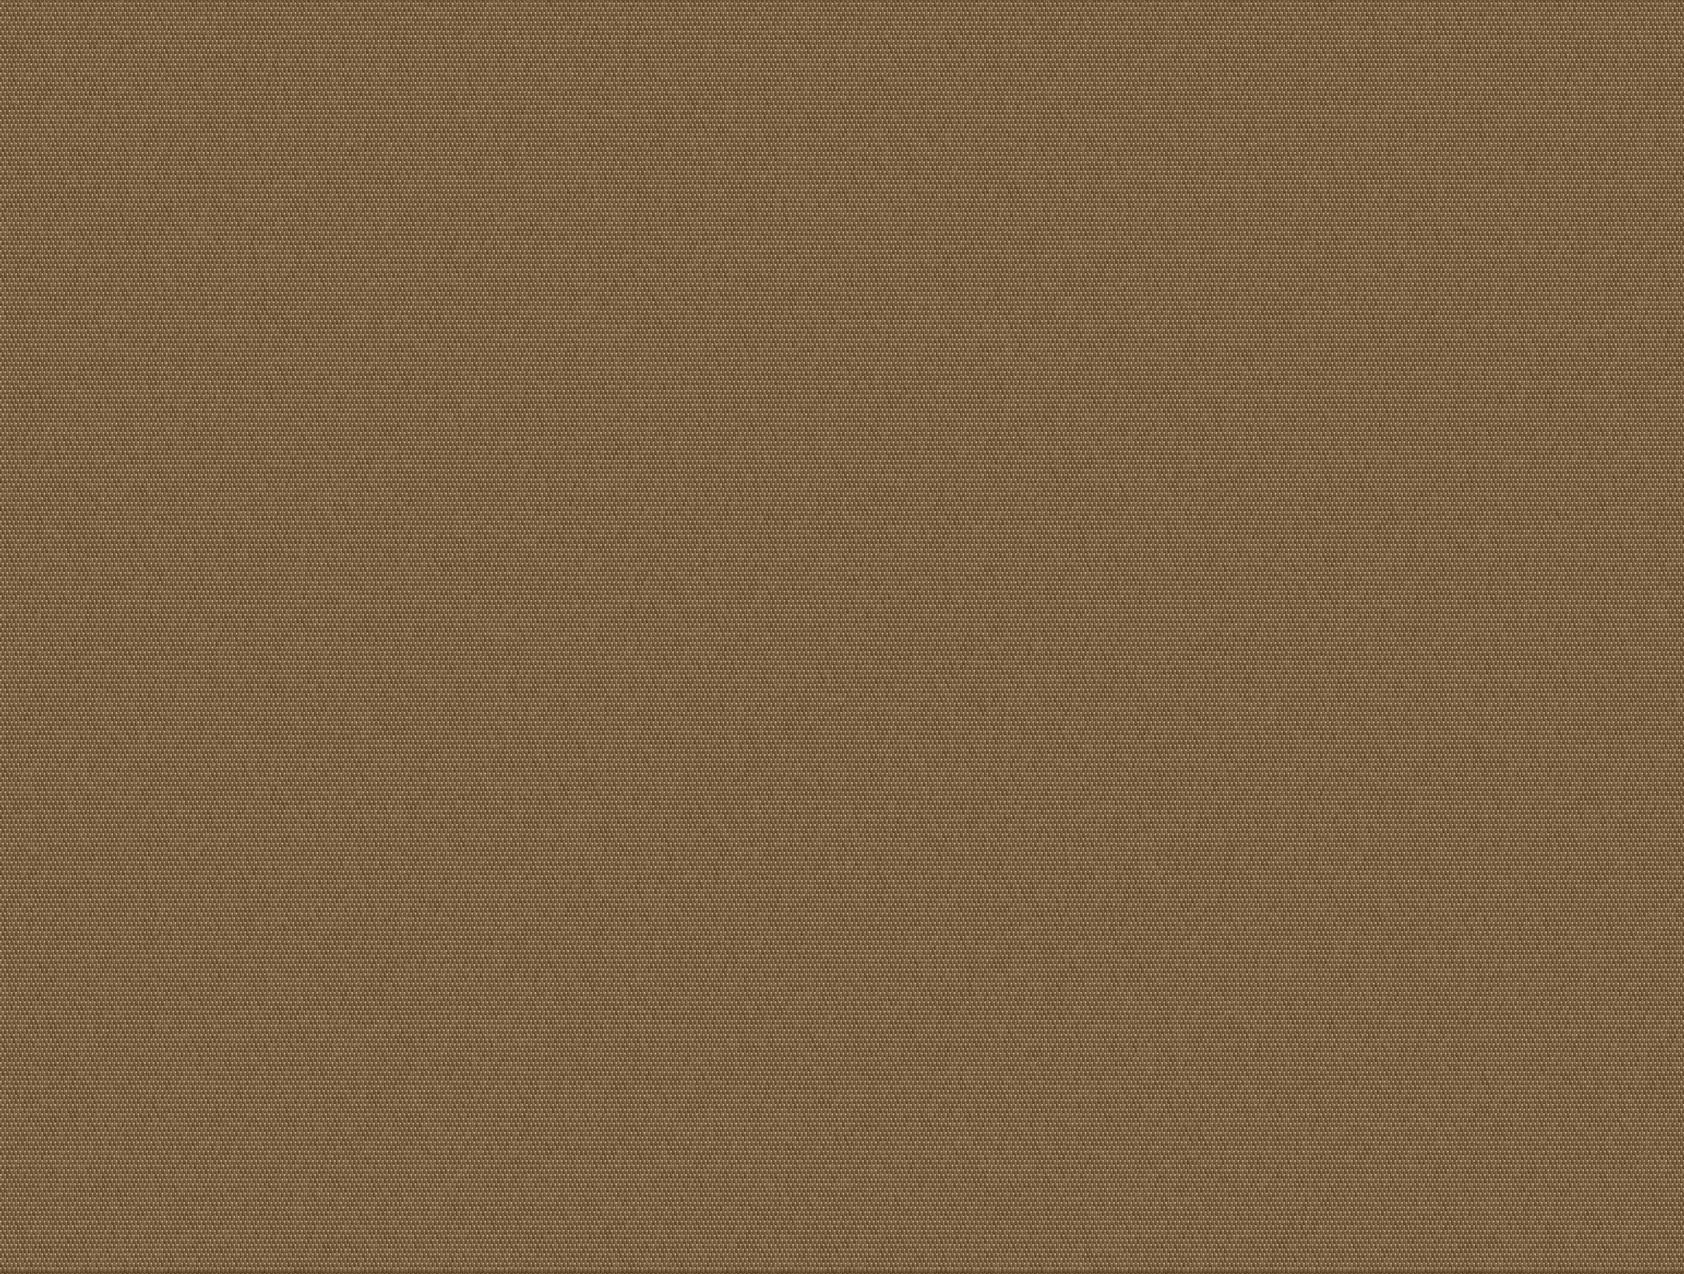 BEAU DRIFTWOOD (416DE)